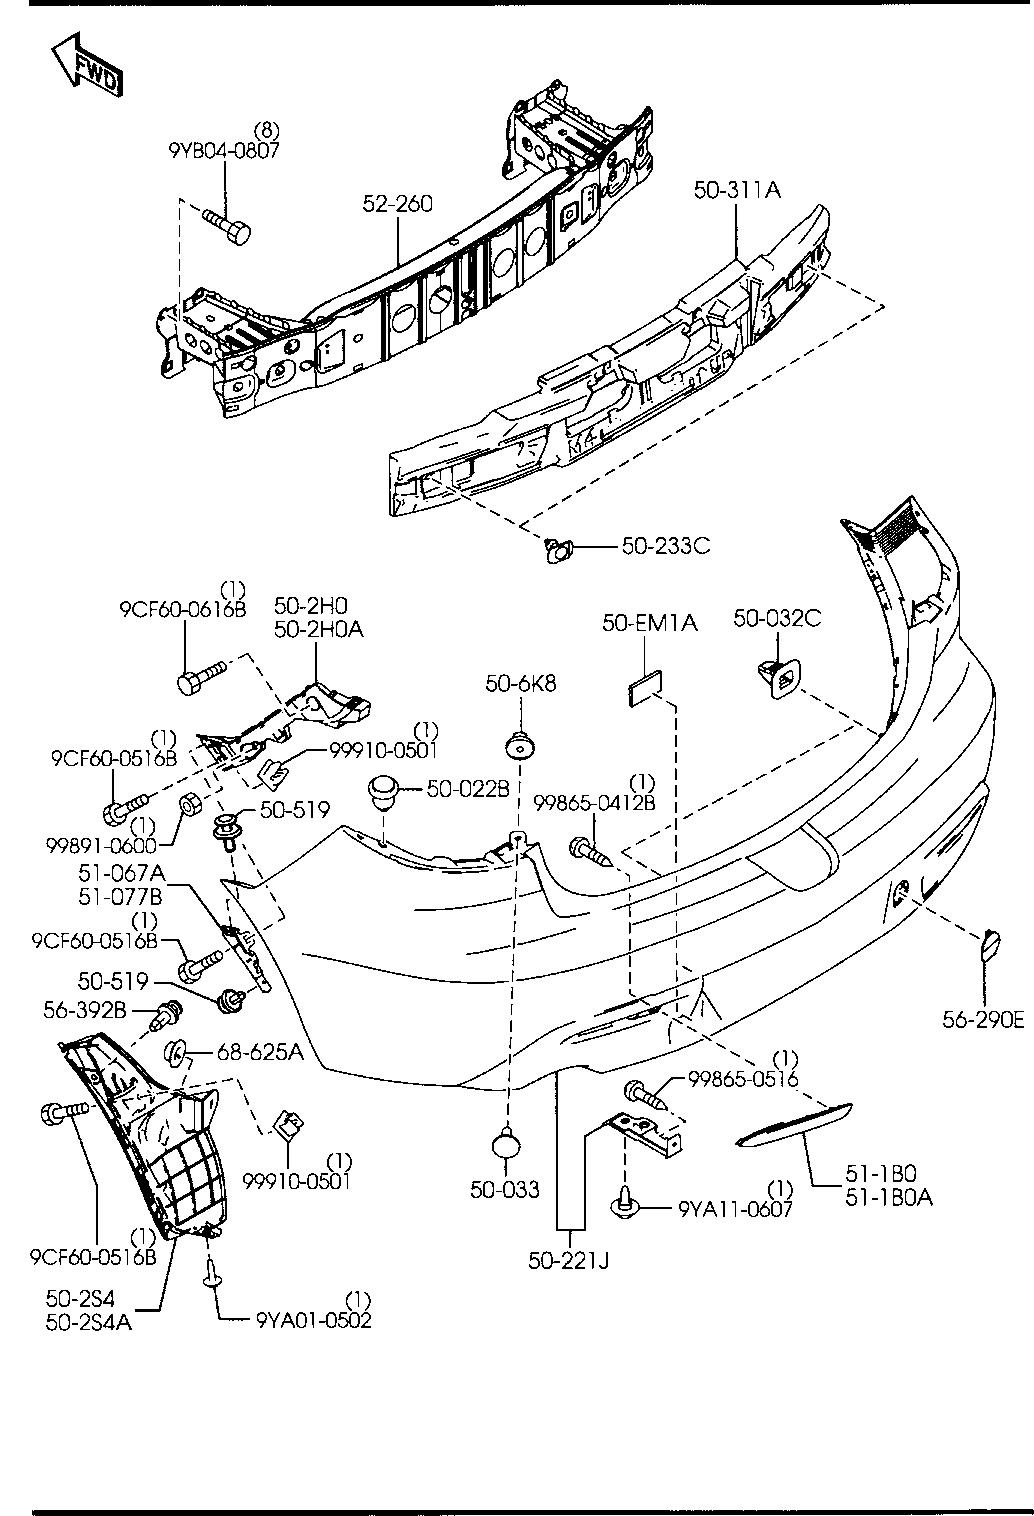 Coffe Mazda: Mazda 3 Body Parts Diagram